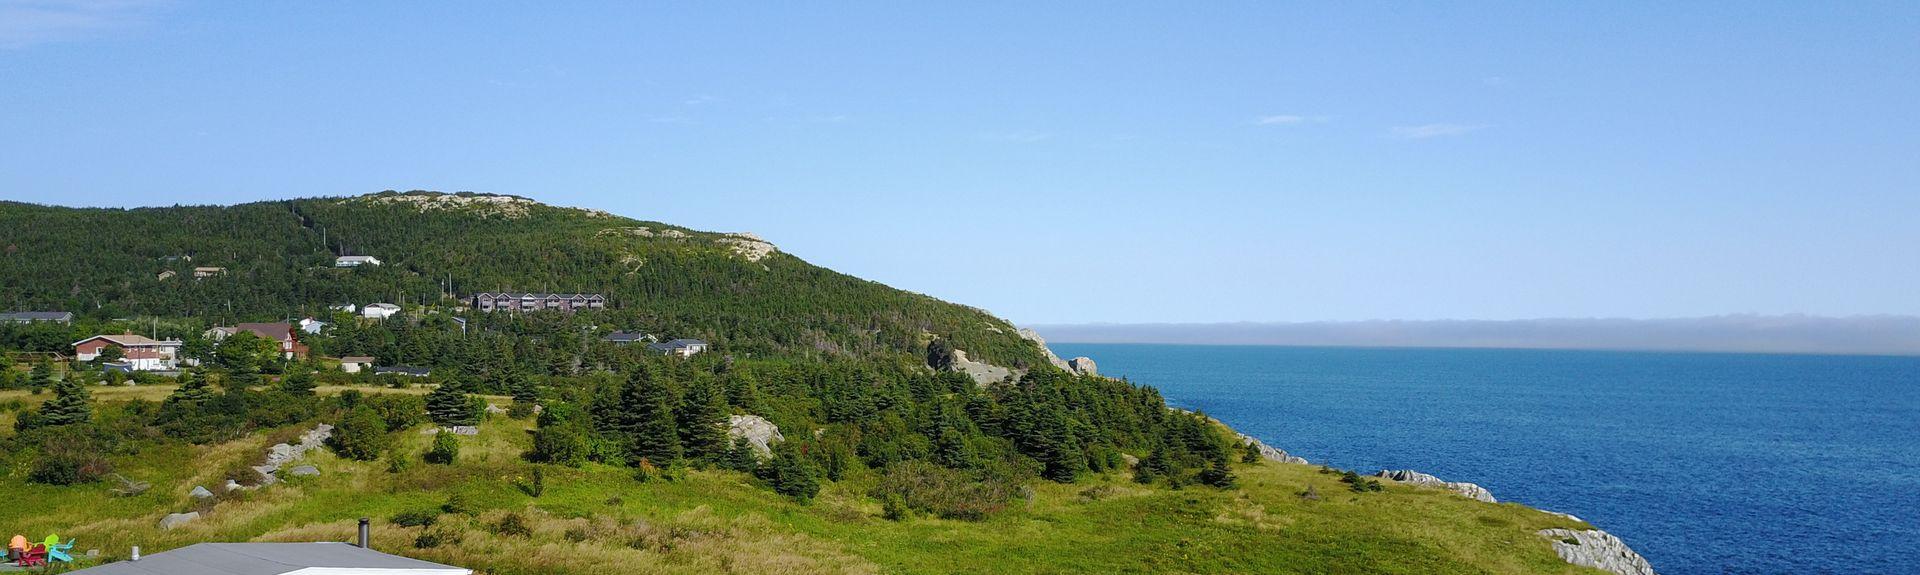 Site historique national de Signal Hill, Saint John's, Terre-Neuve-et-Labrador, Canada